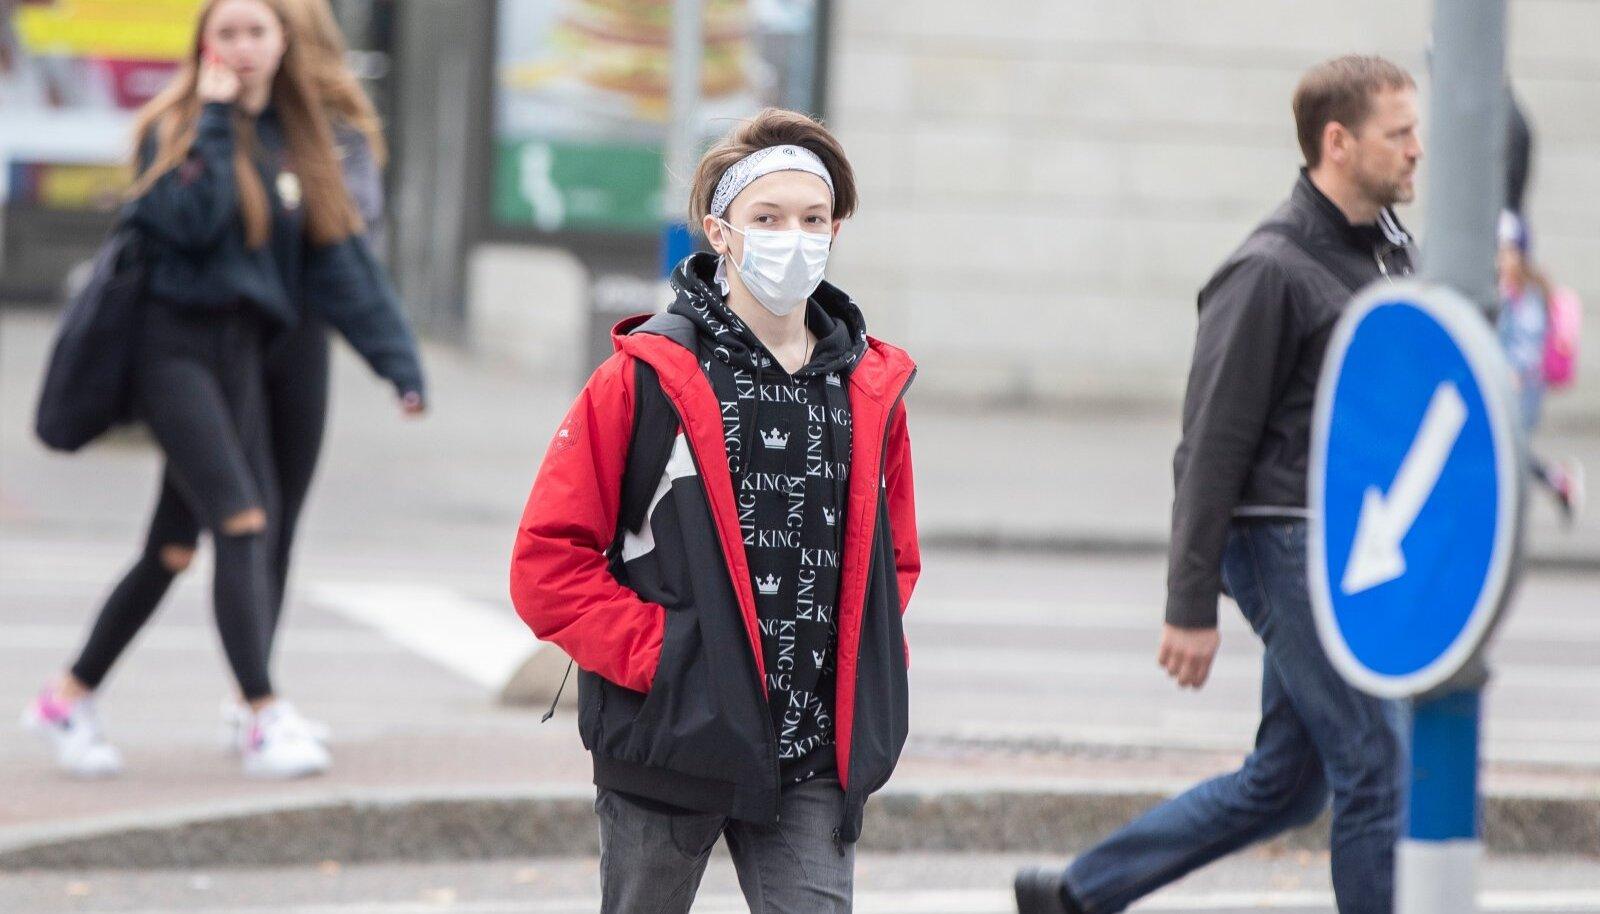 Maski võiks kanda alates 10. eluaastast. Lapsed ja noored näitavad tihti head eeskuju.